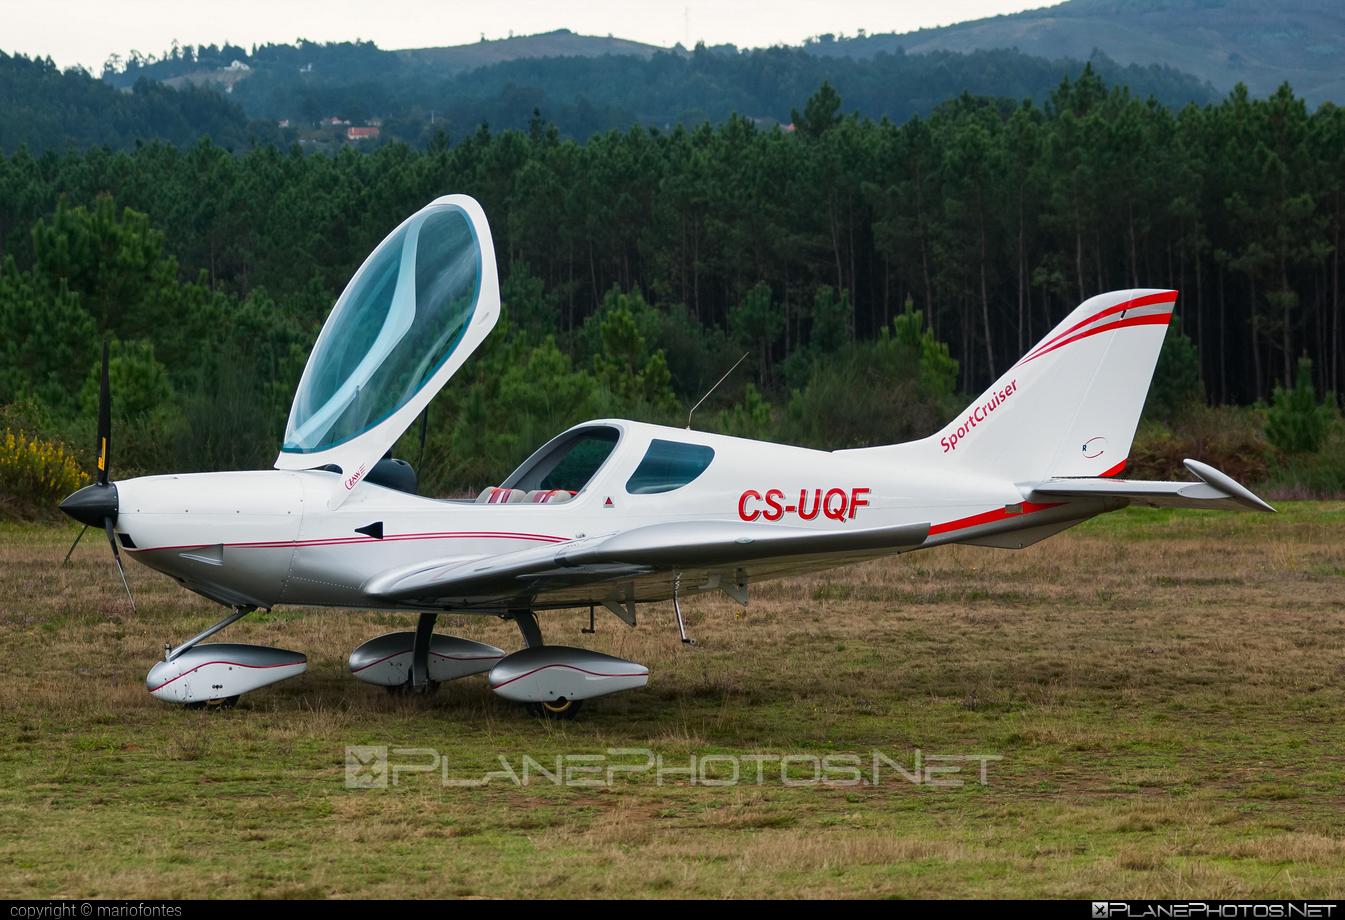 Czech Sport Aircraft SportCruiser - CS-UQF operated by Private operator #czechsportaircraft